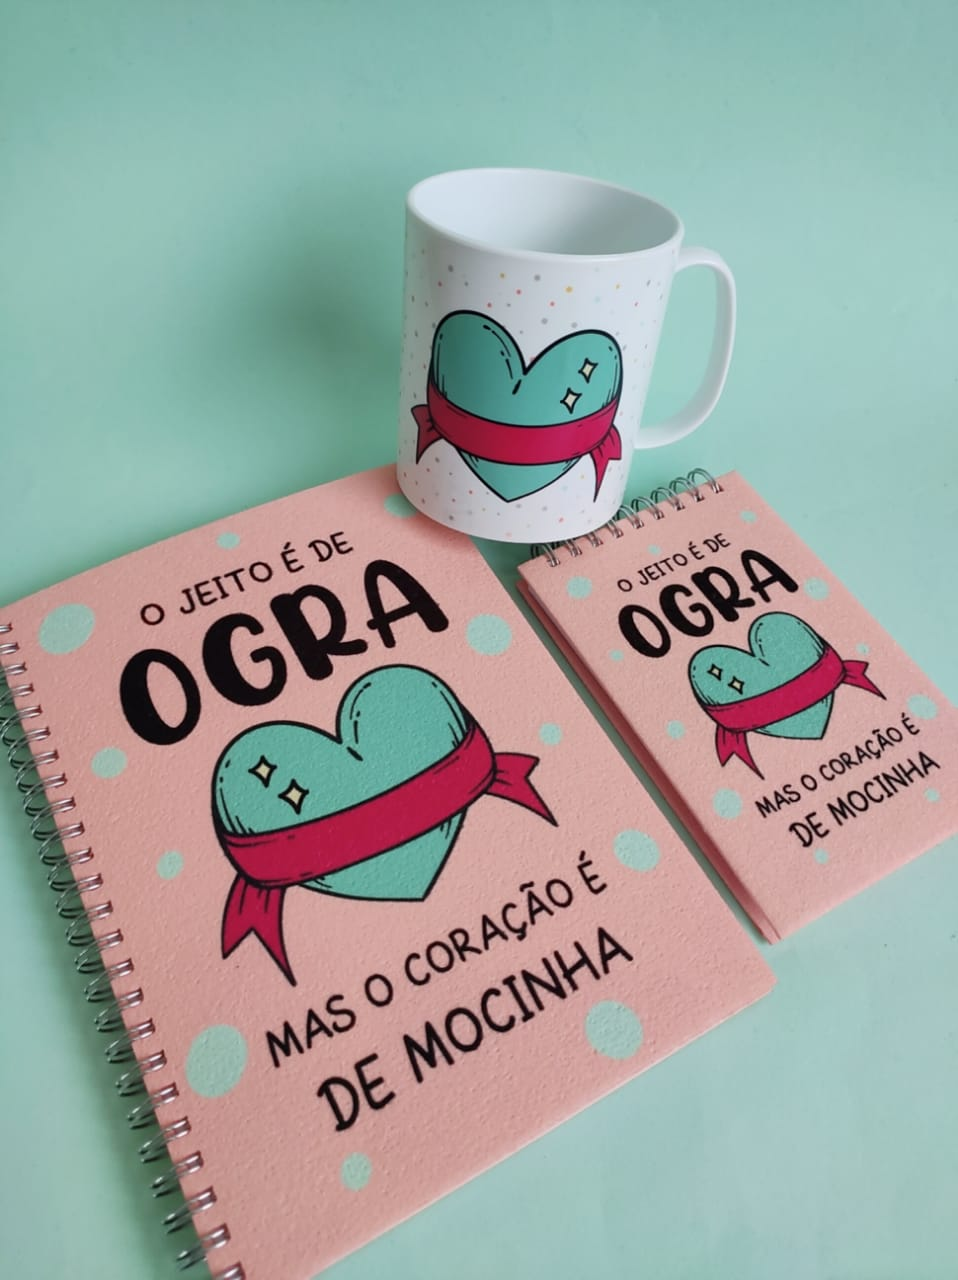 Kit Jeito de Ogra - Coração de Mocinha  (3 peças)